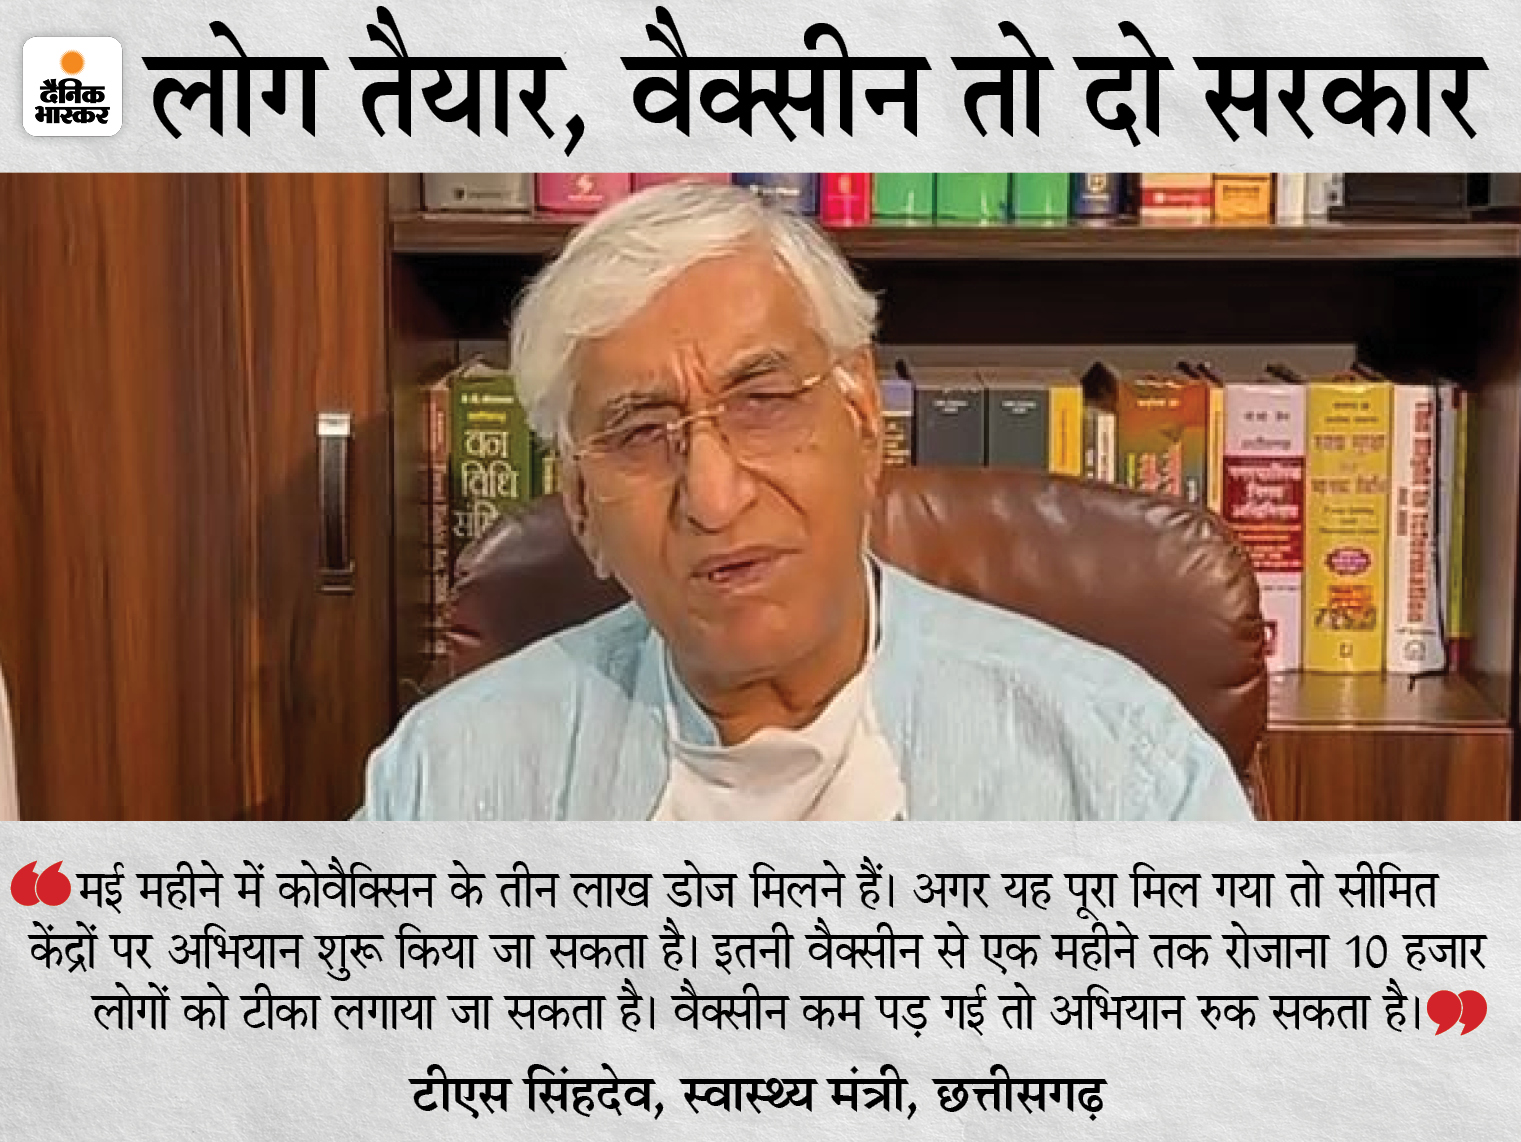 स्वास्थ्य मंत्री सिंहदेव ने कहा- ऐसा पहली बार कि महामारी के वक्त केंद्र ने सारा भार राज्यों पर डाला, वैक्सीन उत्पादन पर भी झूठ बोला रायपुर,Raipur - Dainik Bhaskar